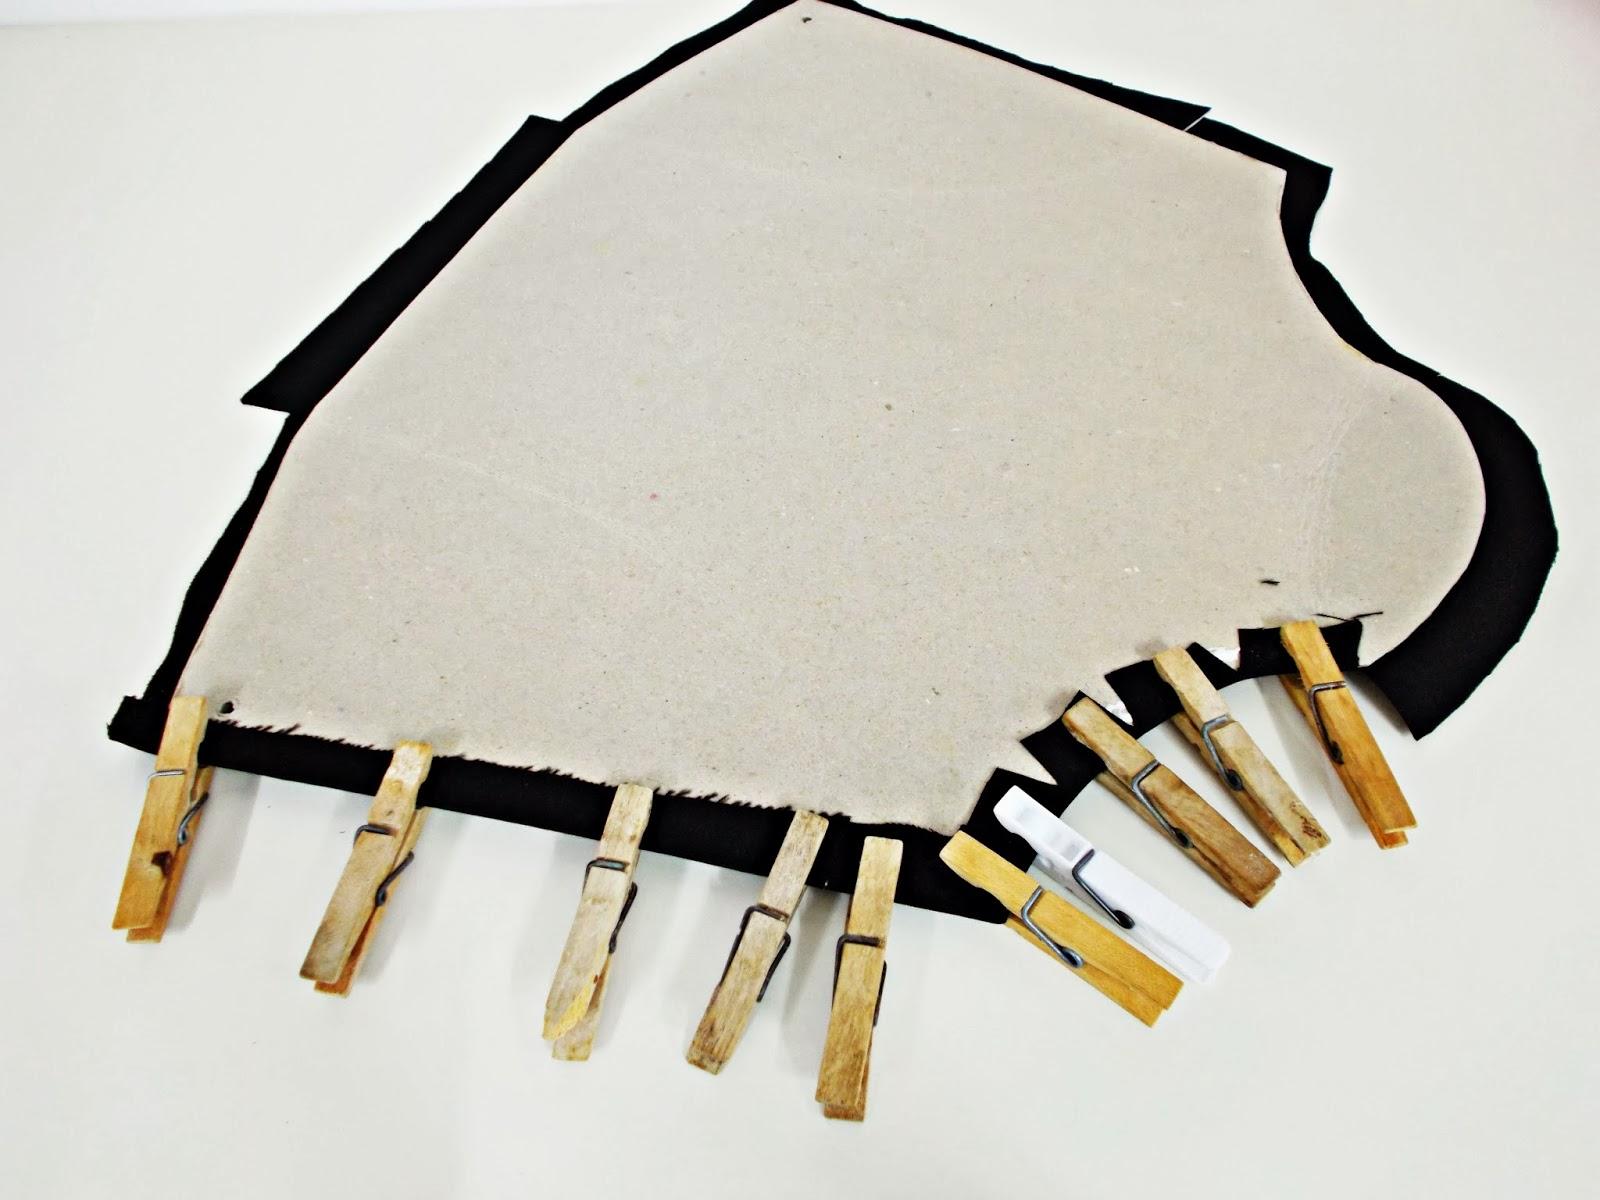 DIY-expositor-cartón-bisutería-soporte5